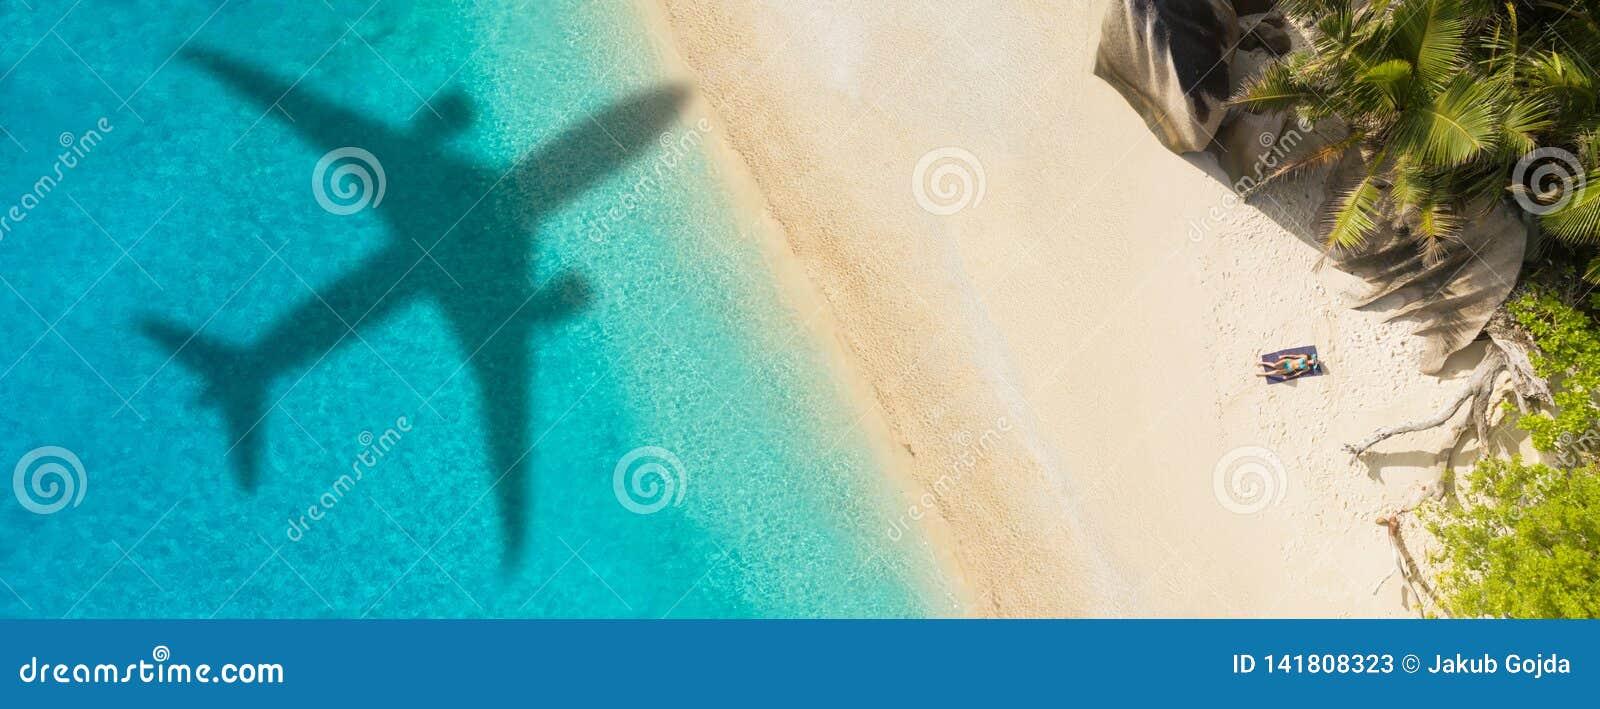 Concept vliegtuigreis naar exotische bestemming